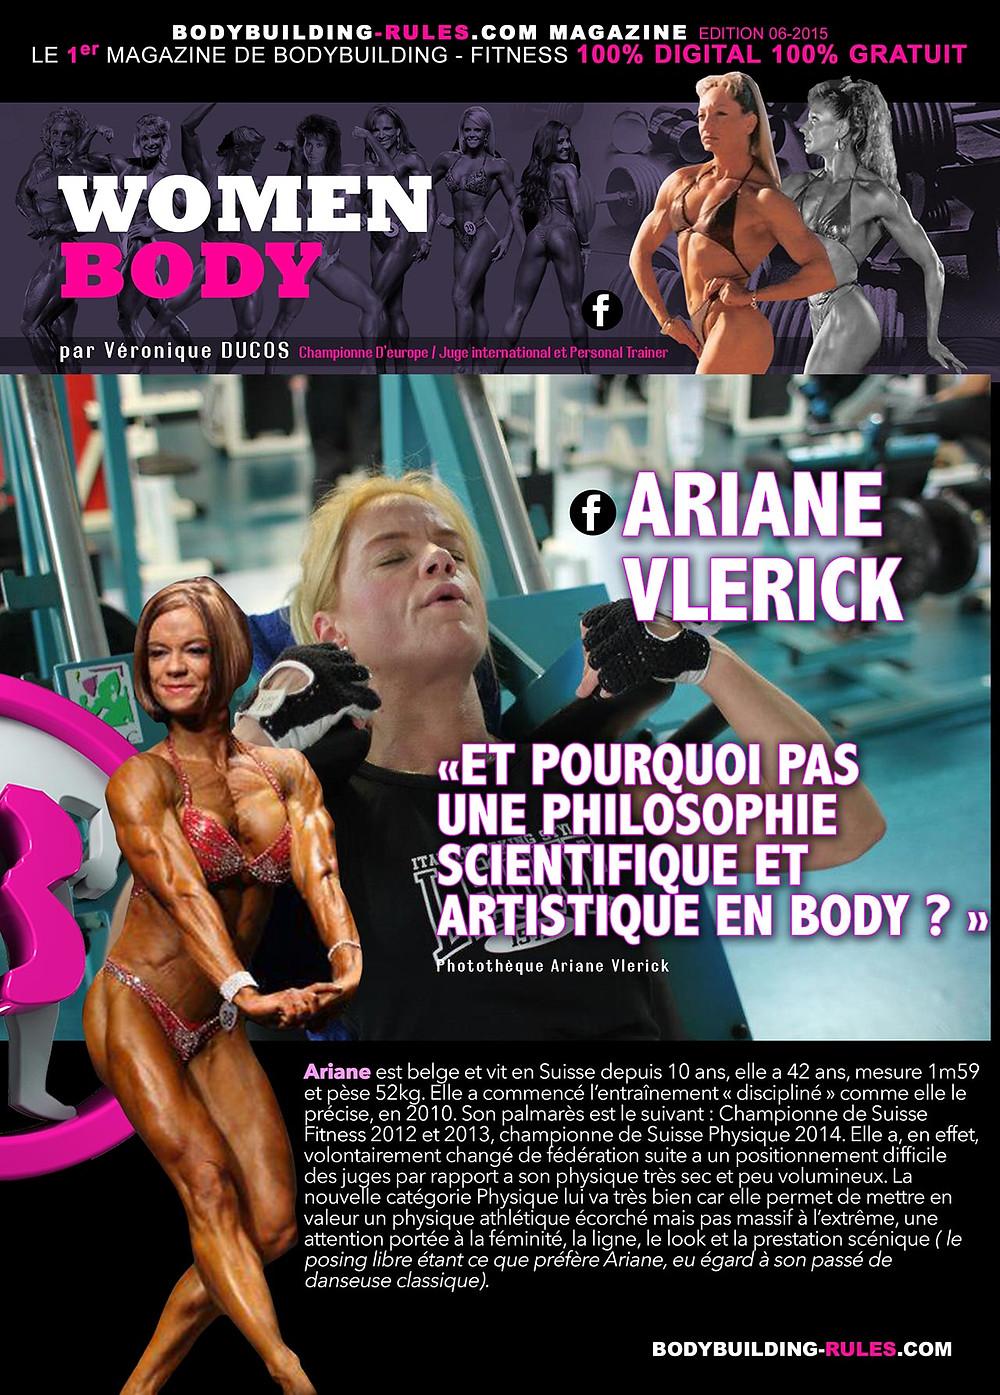 27-Ariane-Vlerick-women-body-M25.jpg